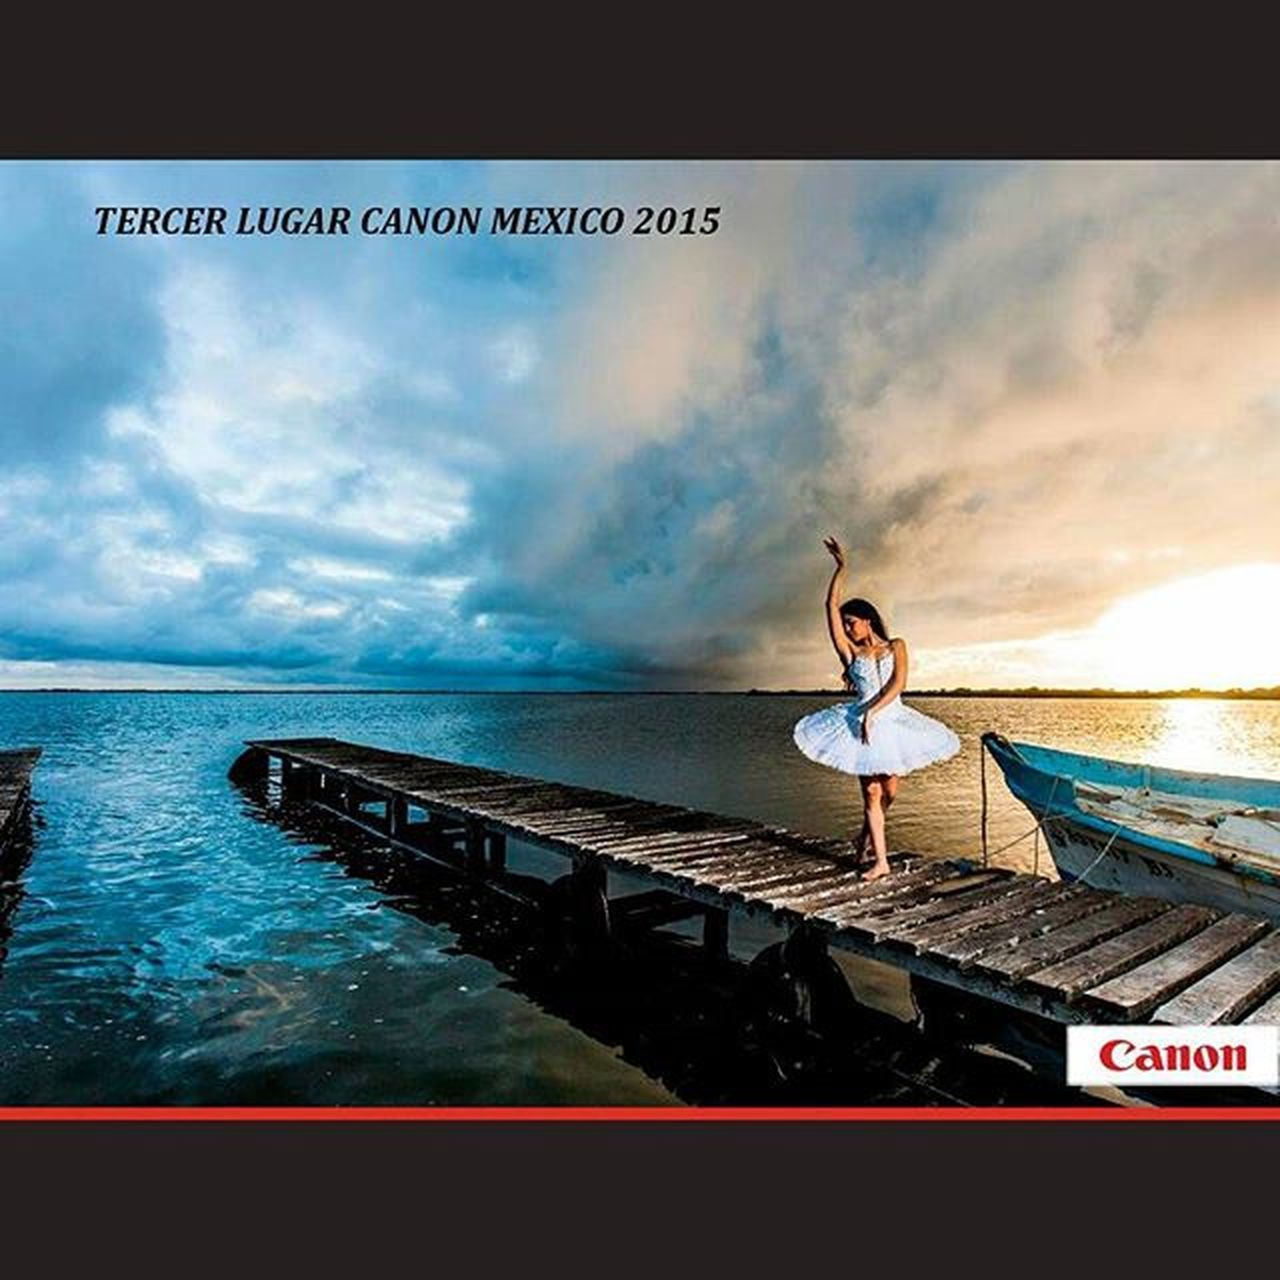 Canon Canon_official 5dmarkll Mimexico Tdt Rocafografia Fotografo Yúcatan Igersyucatan Modelo Bella Mujer Mar Aire Premio Gracias